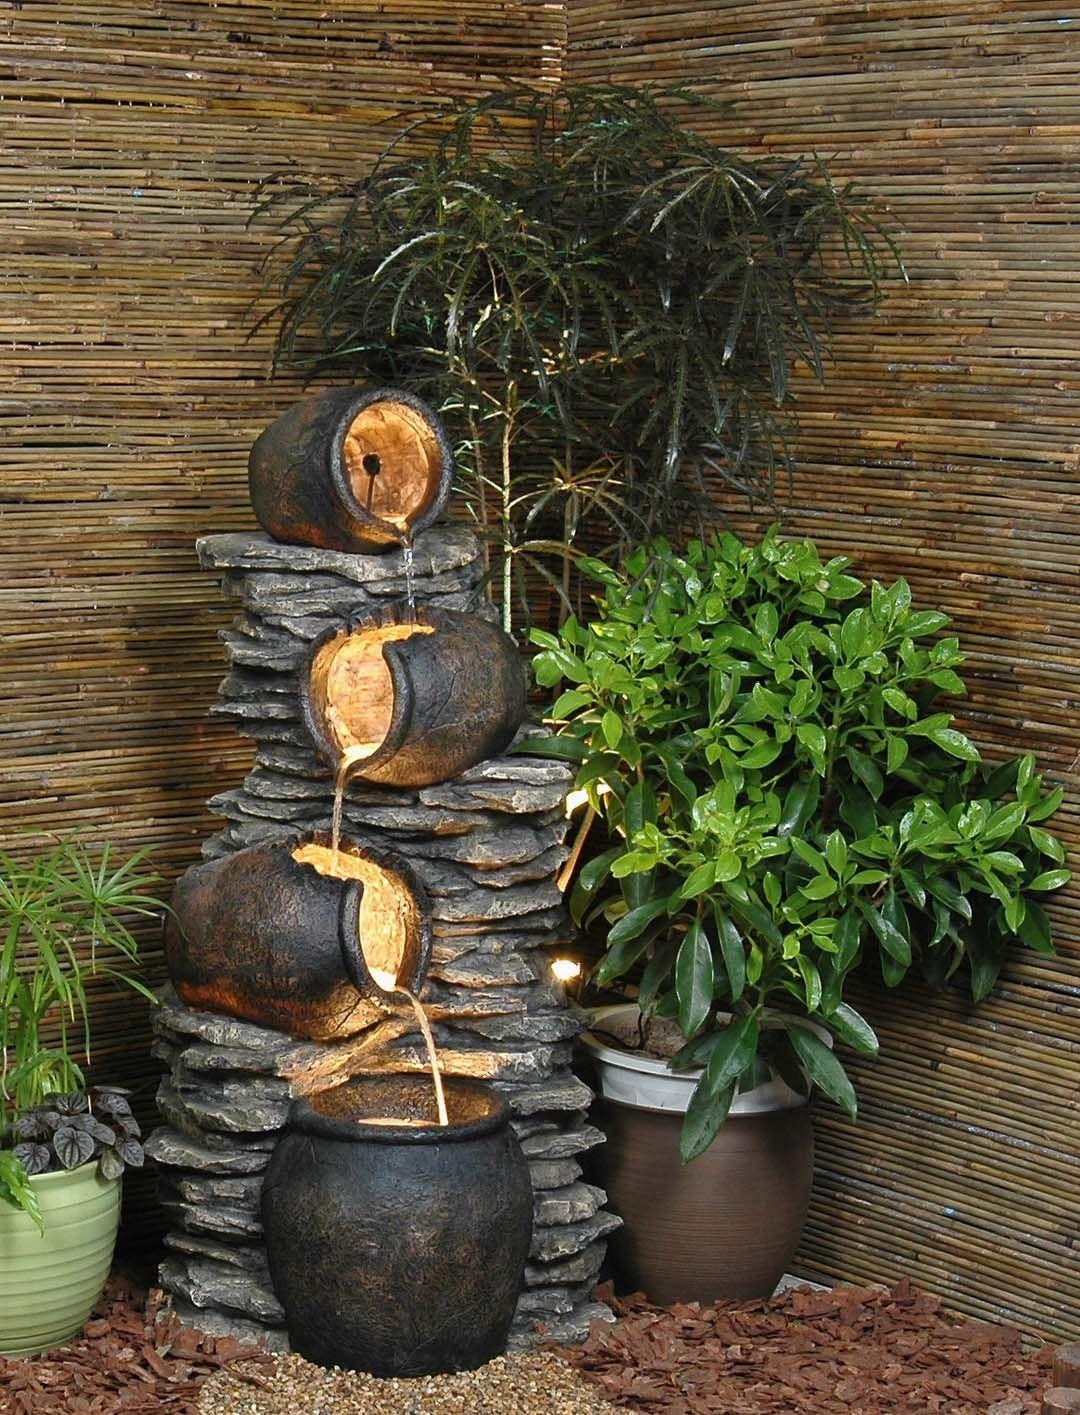 Diy Indoor Water Fountain Build Indoor Water Fountain Fountains